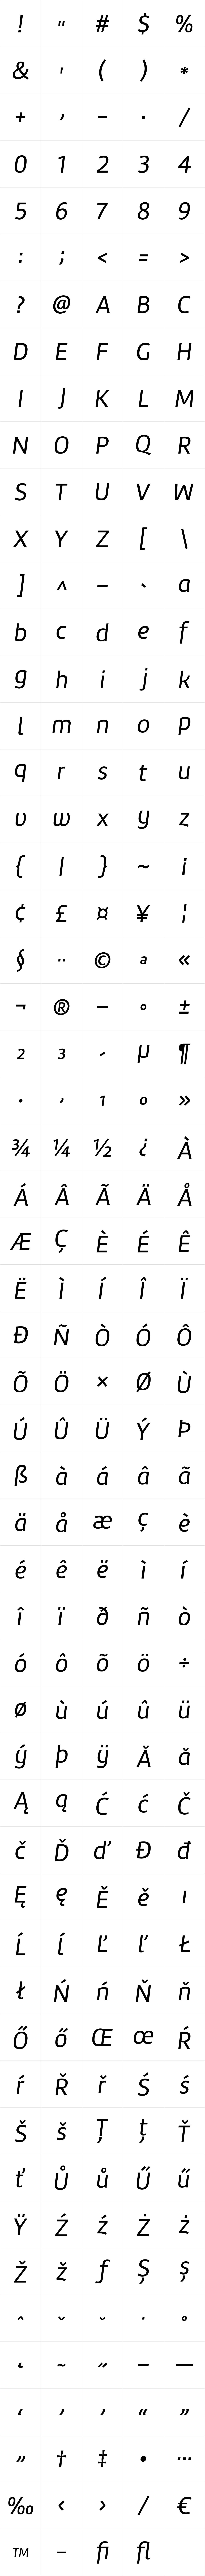 Marine Regular Italic